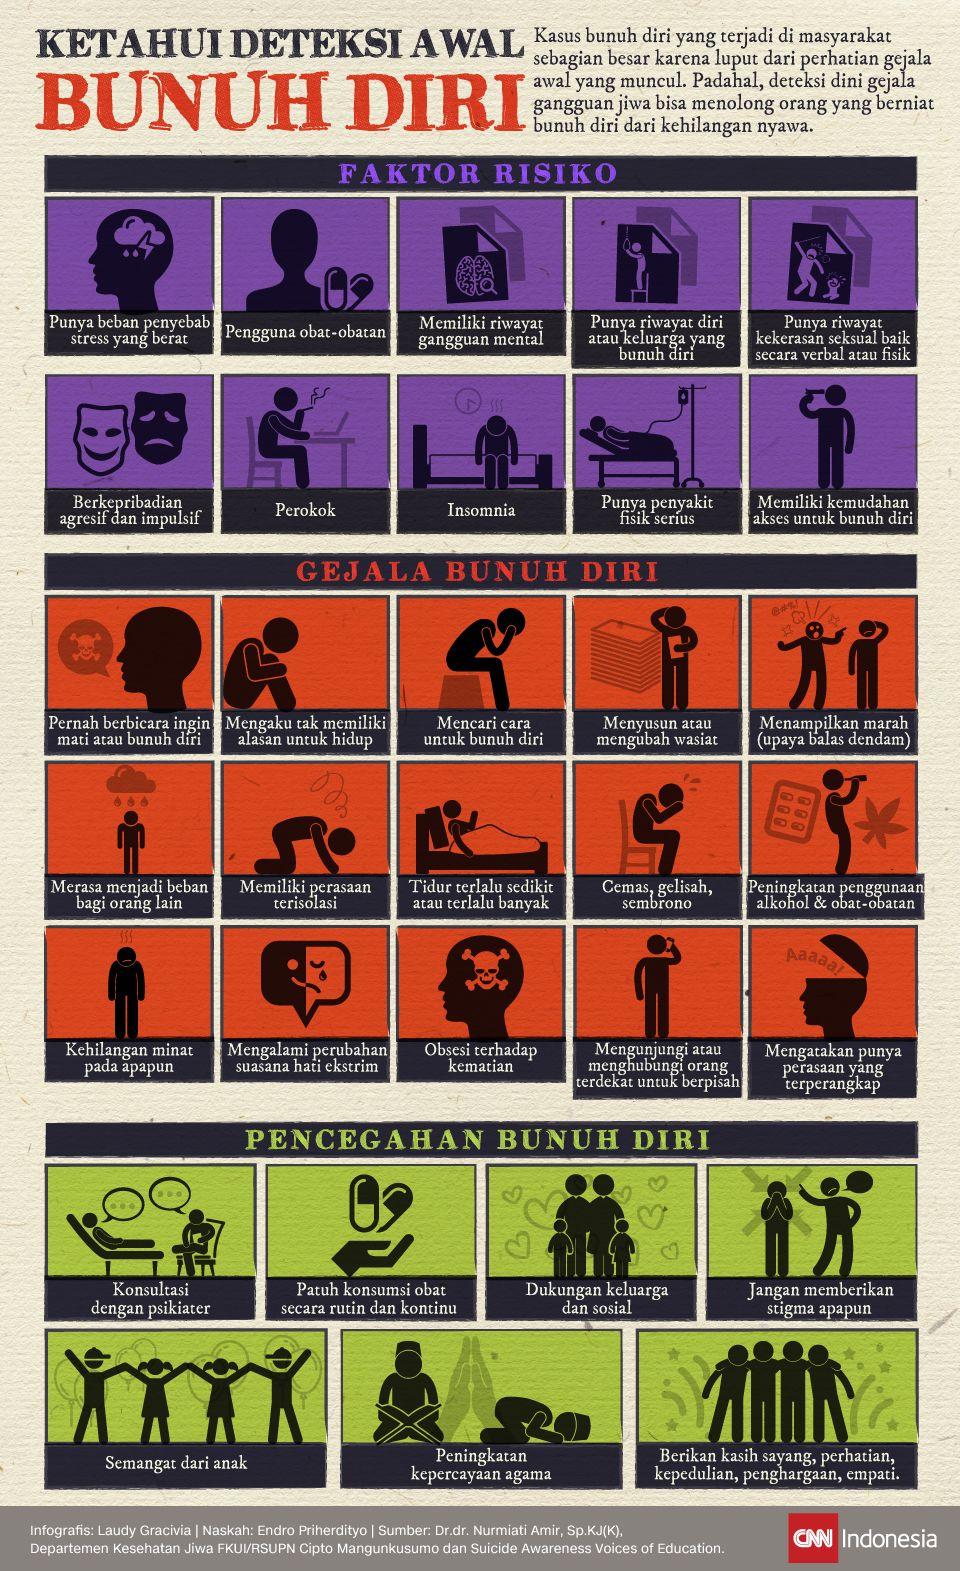 Infografis Ketahui Deteksi Awal Bunuh Diri